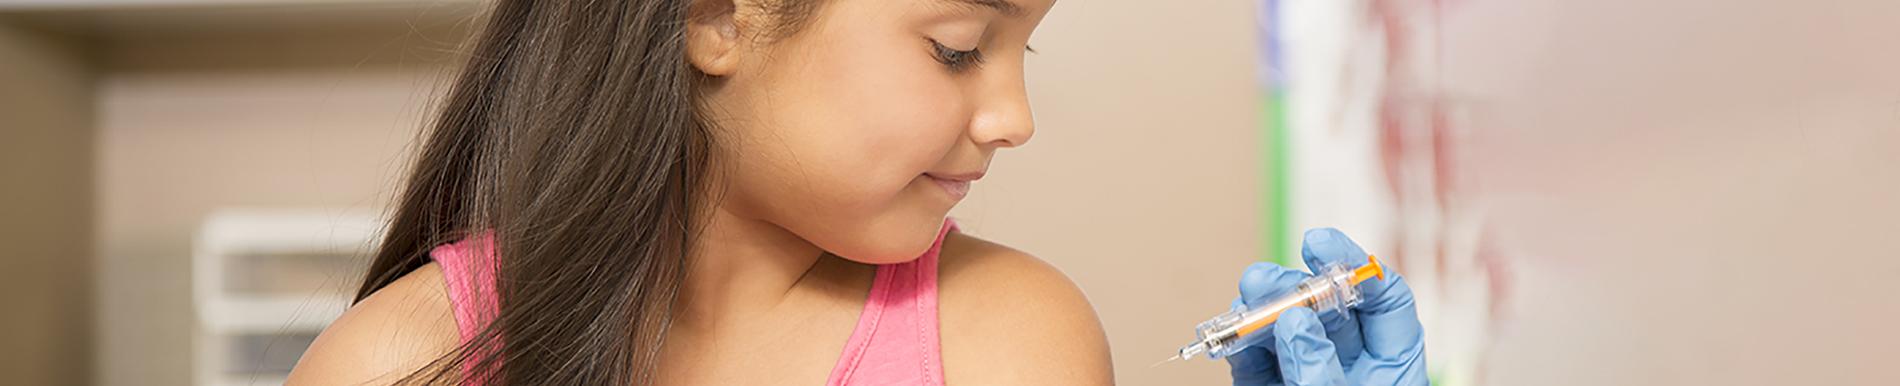 https://www.healthychildren.org/SiteCollectionImage-Homepage-Banners/ImmunizationInfluenzasBanner_es.jpg